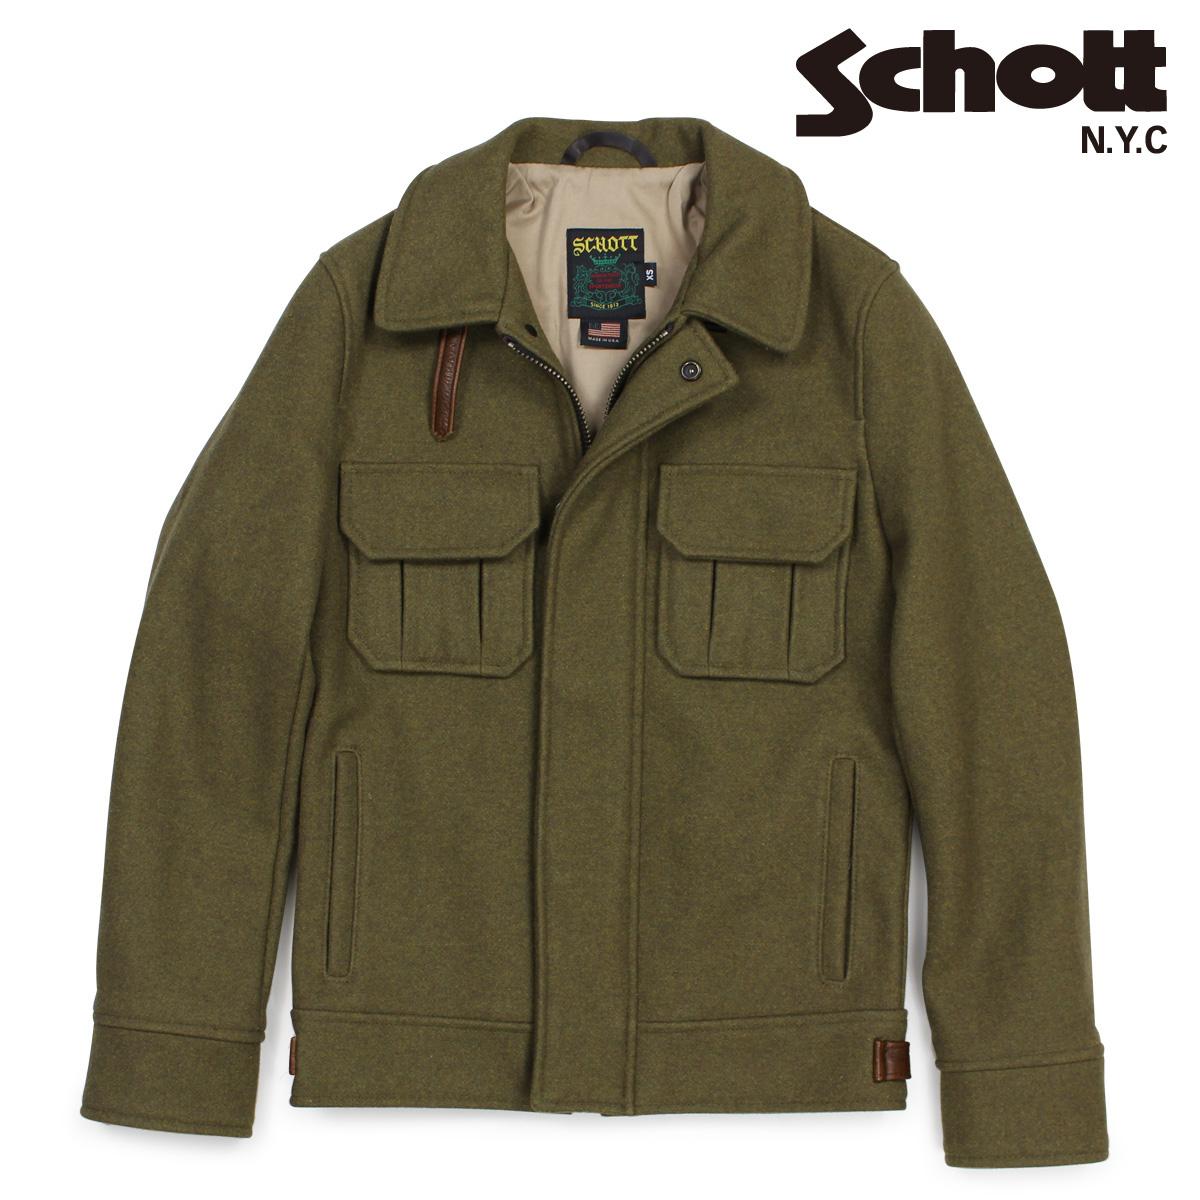 Schott ショット ジャケット M65 フィールドジャケット メンズ WOOL BLEND EISENHOWER FIELD JACKET 720